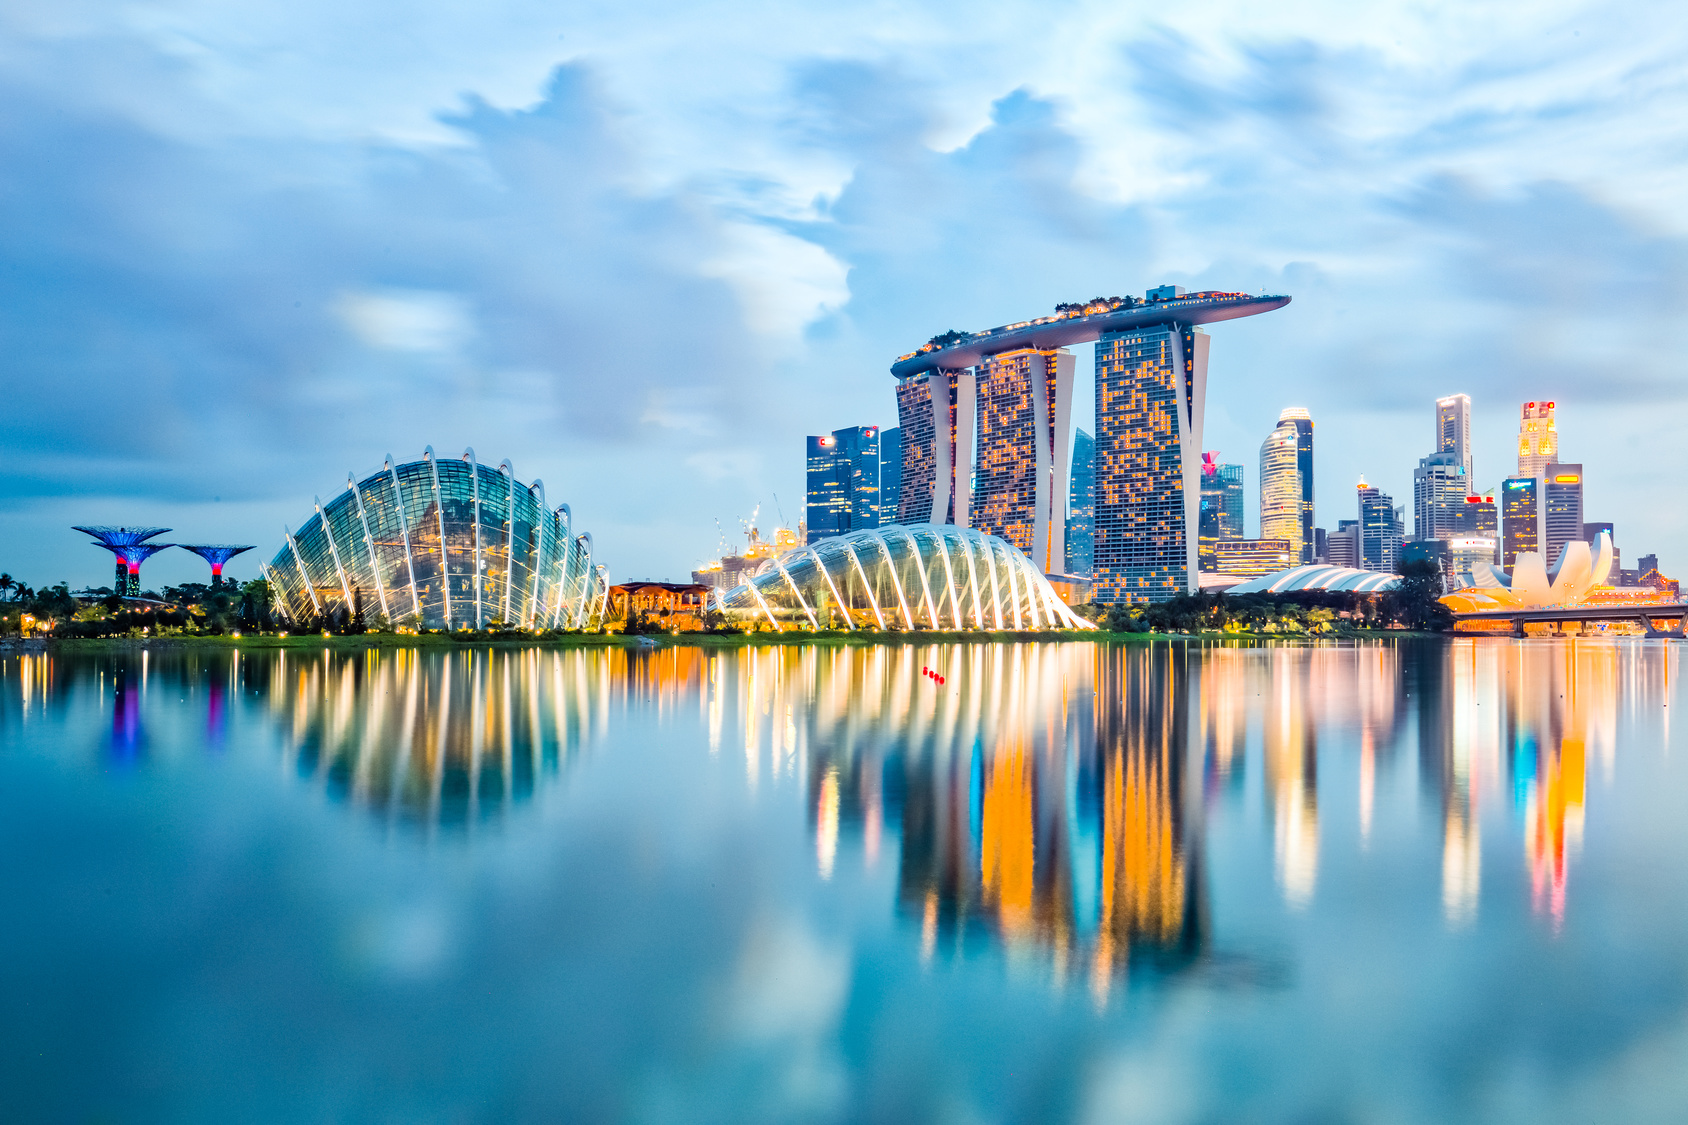 Singapour, un exemple à suivre ?